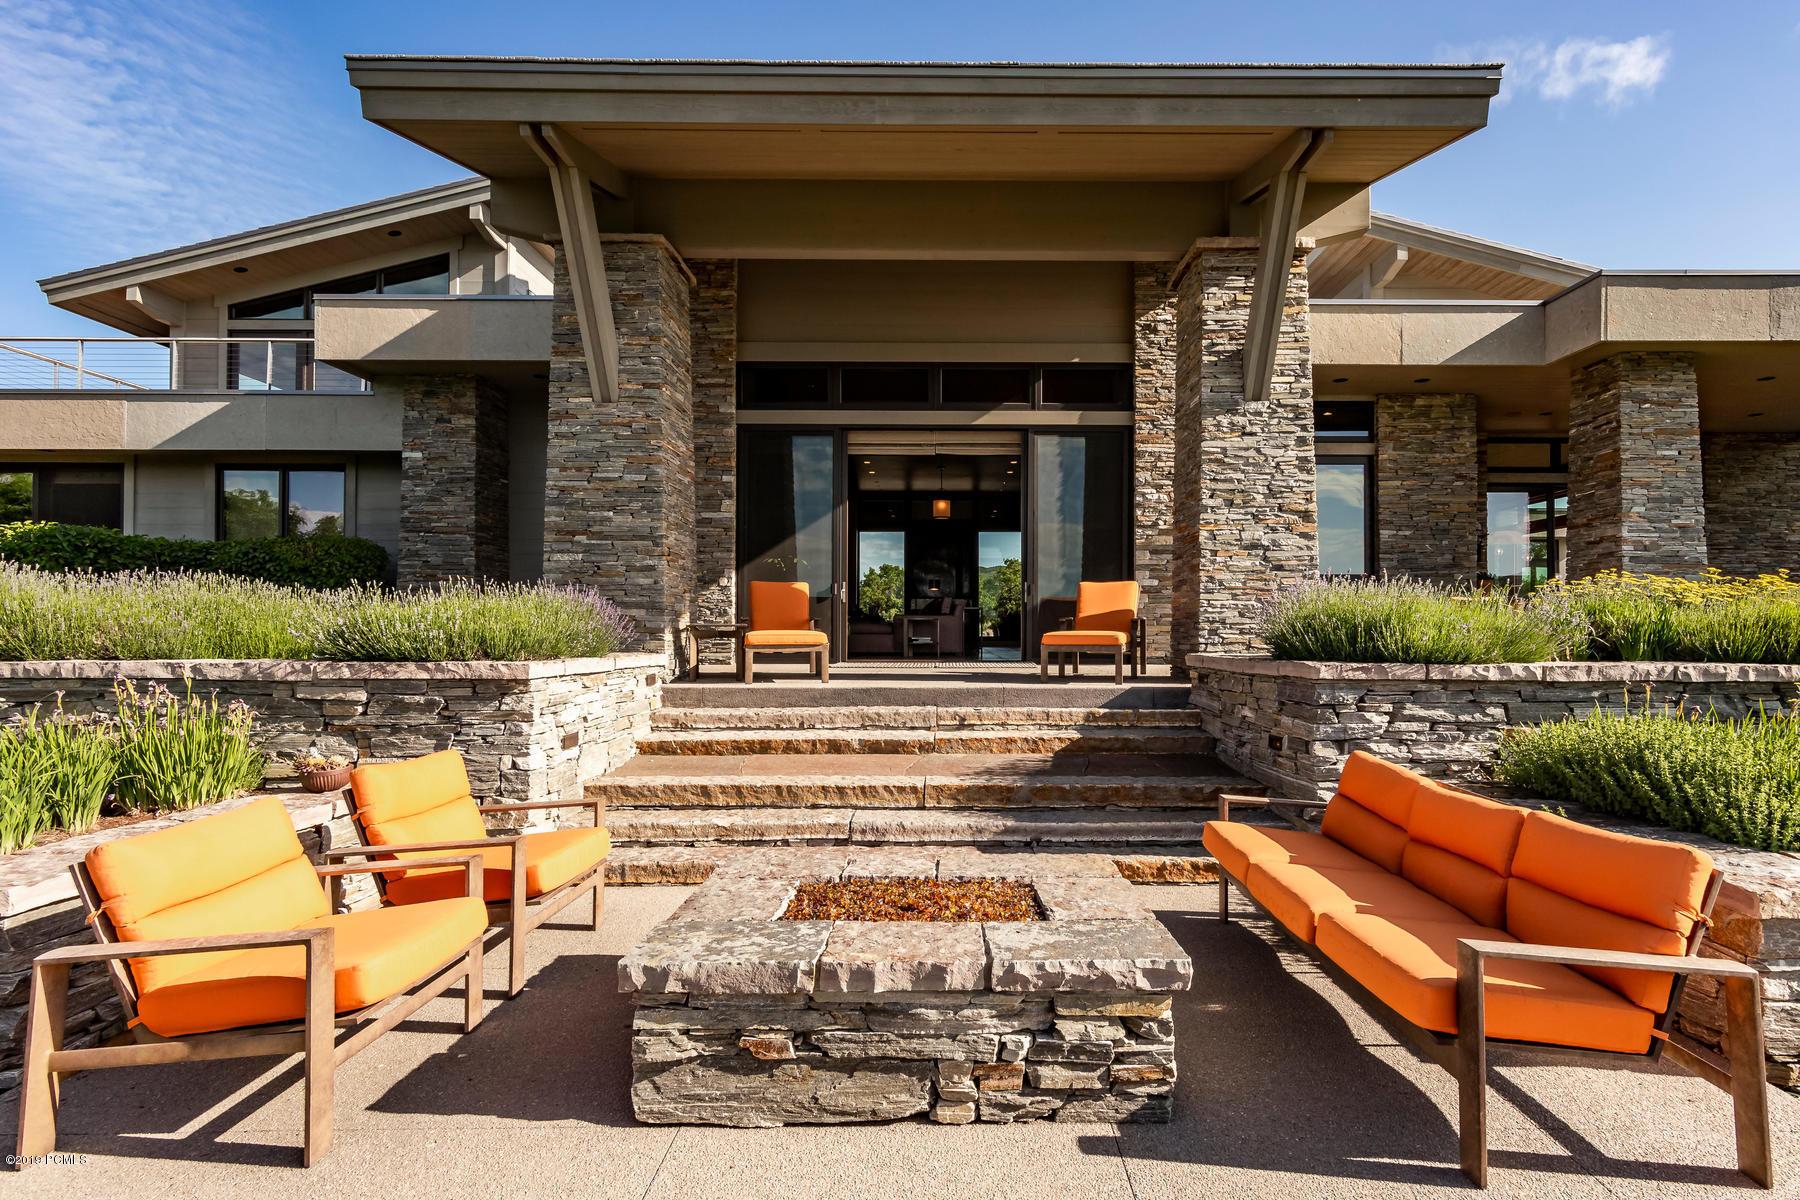 2300 Slingshot Way, Kamas, Utah 84036, 4 Bedrooms Bedrooms, ,5 BathroomsBathrooms,Single Family,For Sale,Slingshot Way,11801483